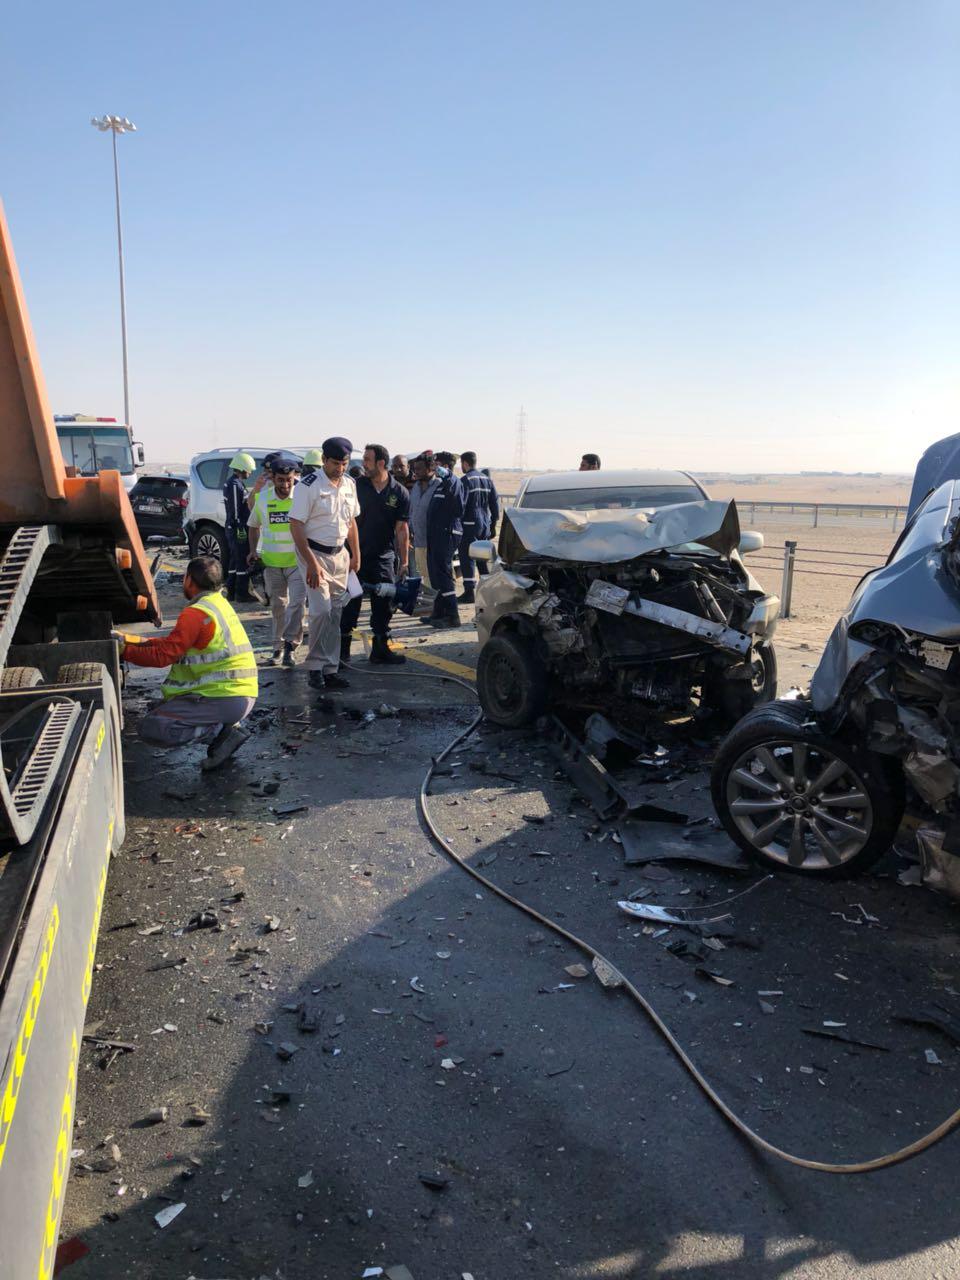 فيديو.. حادث تصادم بين 44 مركبة بسبب الضباب